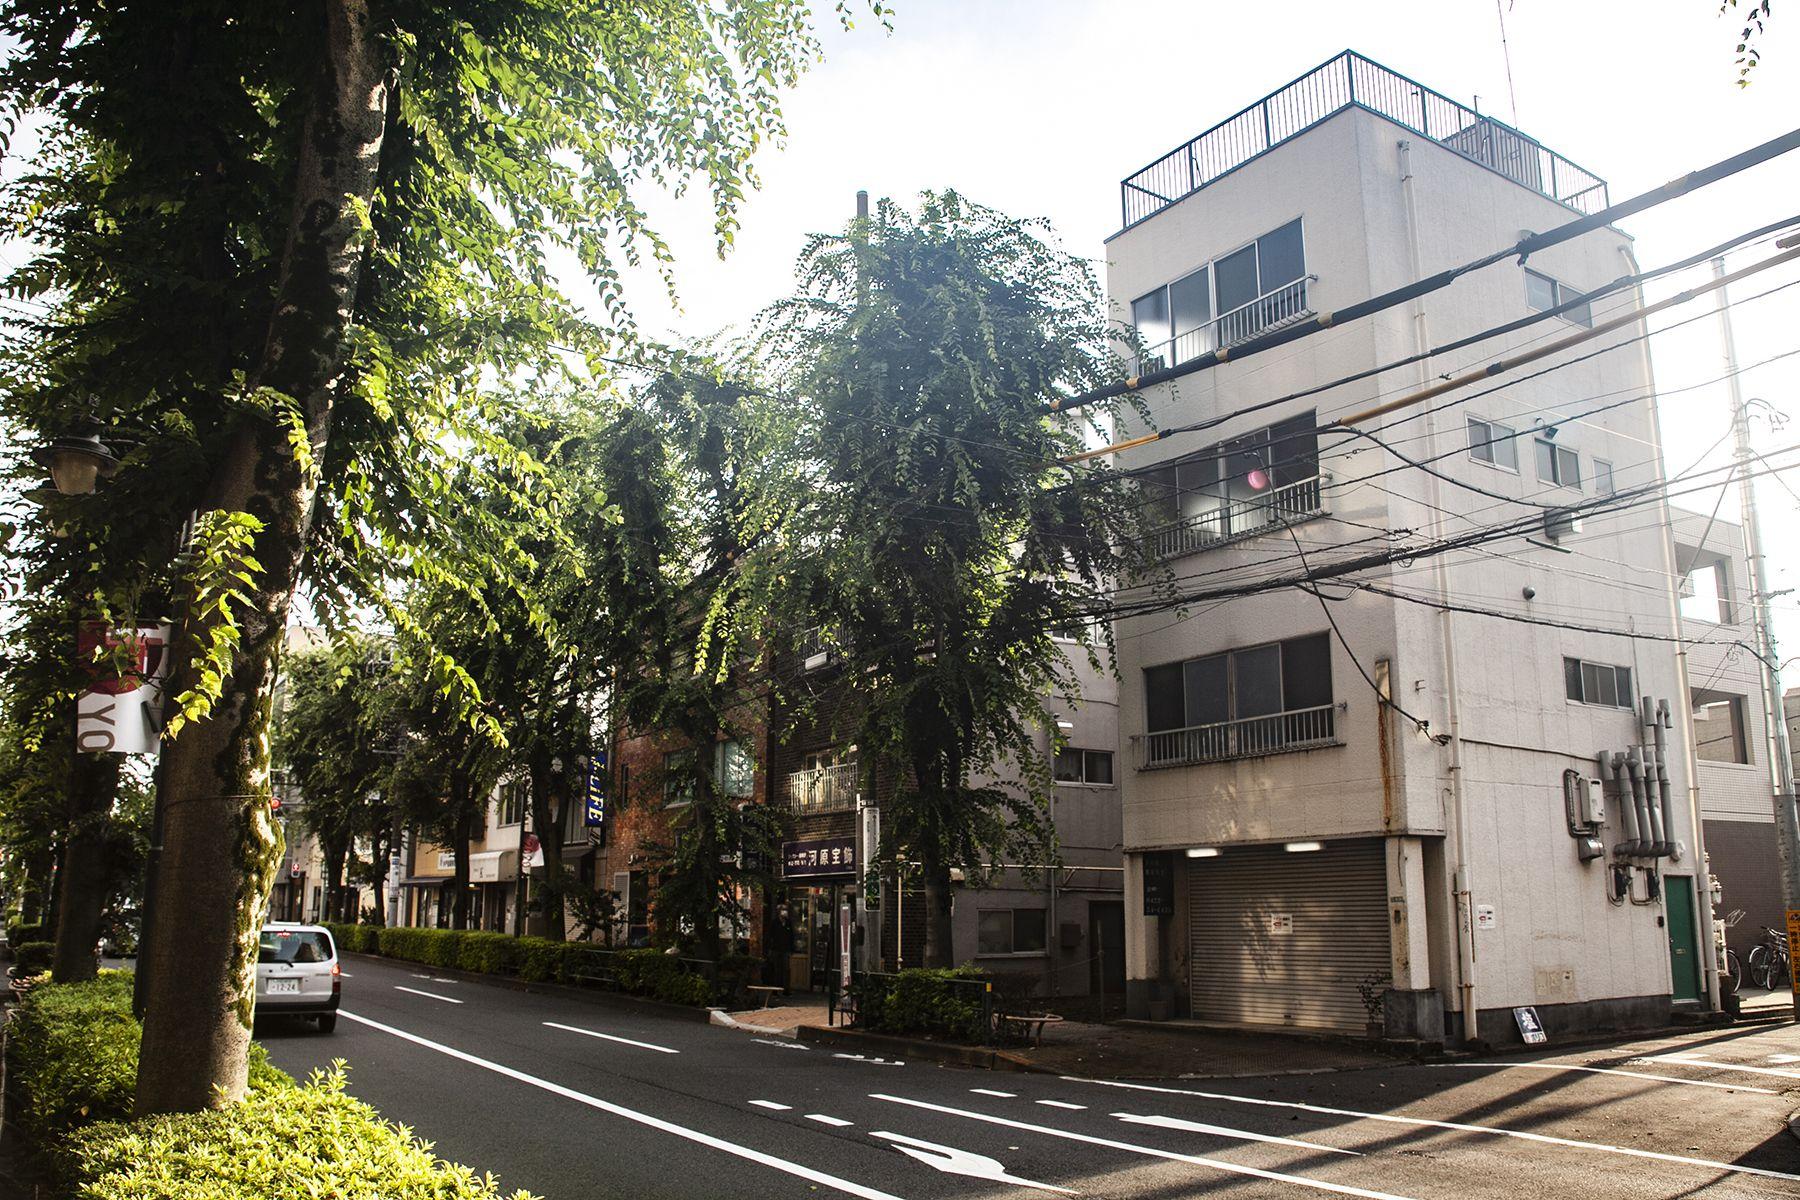 塩/シェアアトリエ (ropeマネジメントスペース)アトリエの雑居ビルとケヤキ並木